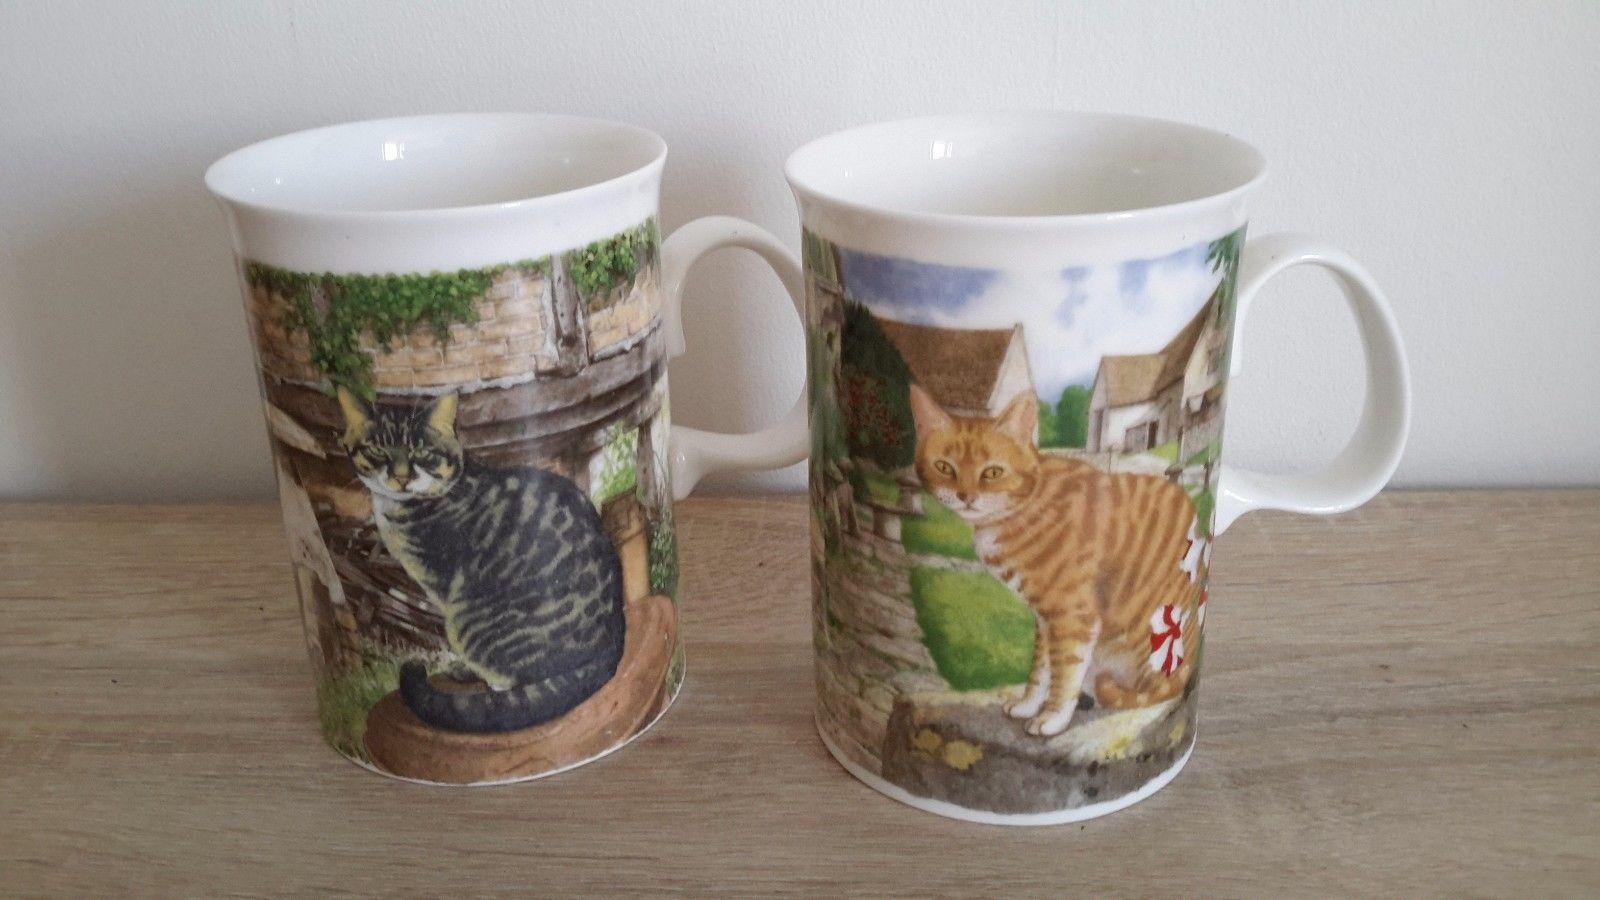 2 De Tasses Chat Lot Motif Porcelaine Mug 00 15 En Eur reCdxBo